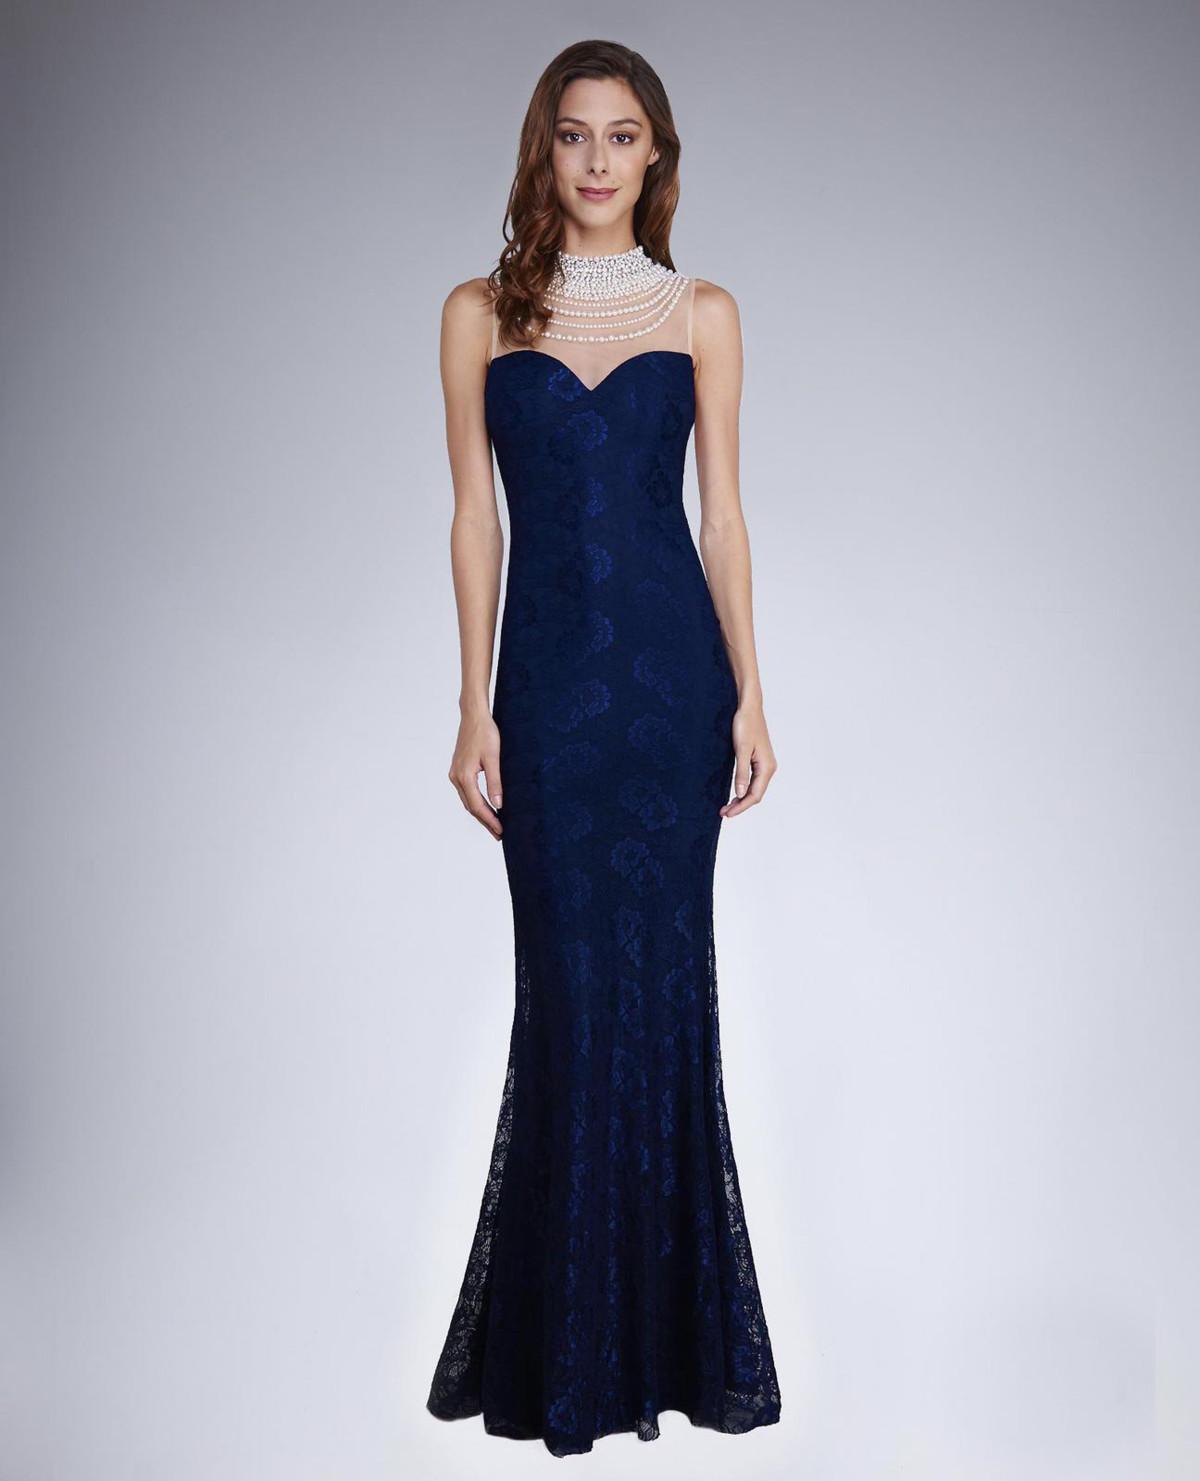 Dámske spoločenské šaty šoky soka s čipkou a perličkami dlhé tmavo modré - Tmavo modrá / XL - šoky & soka XL